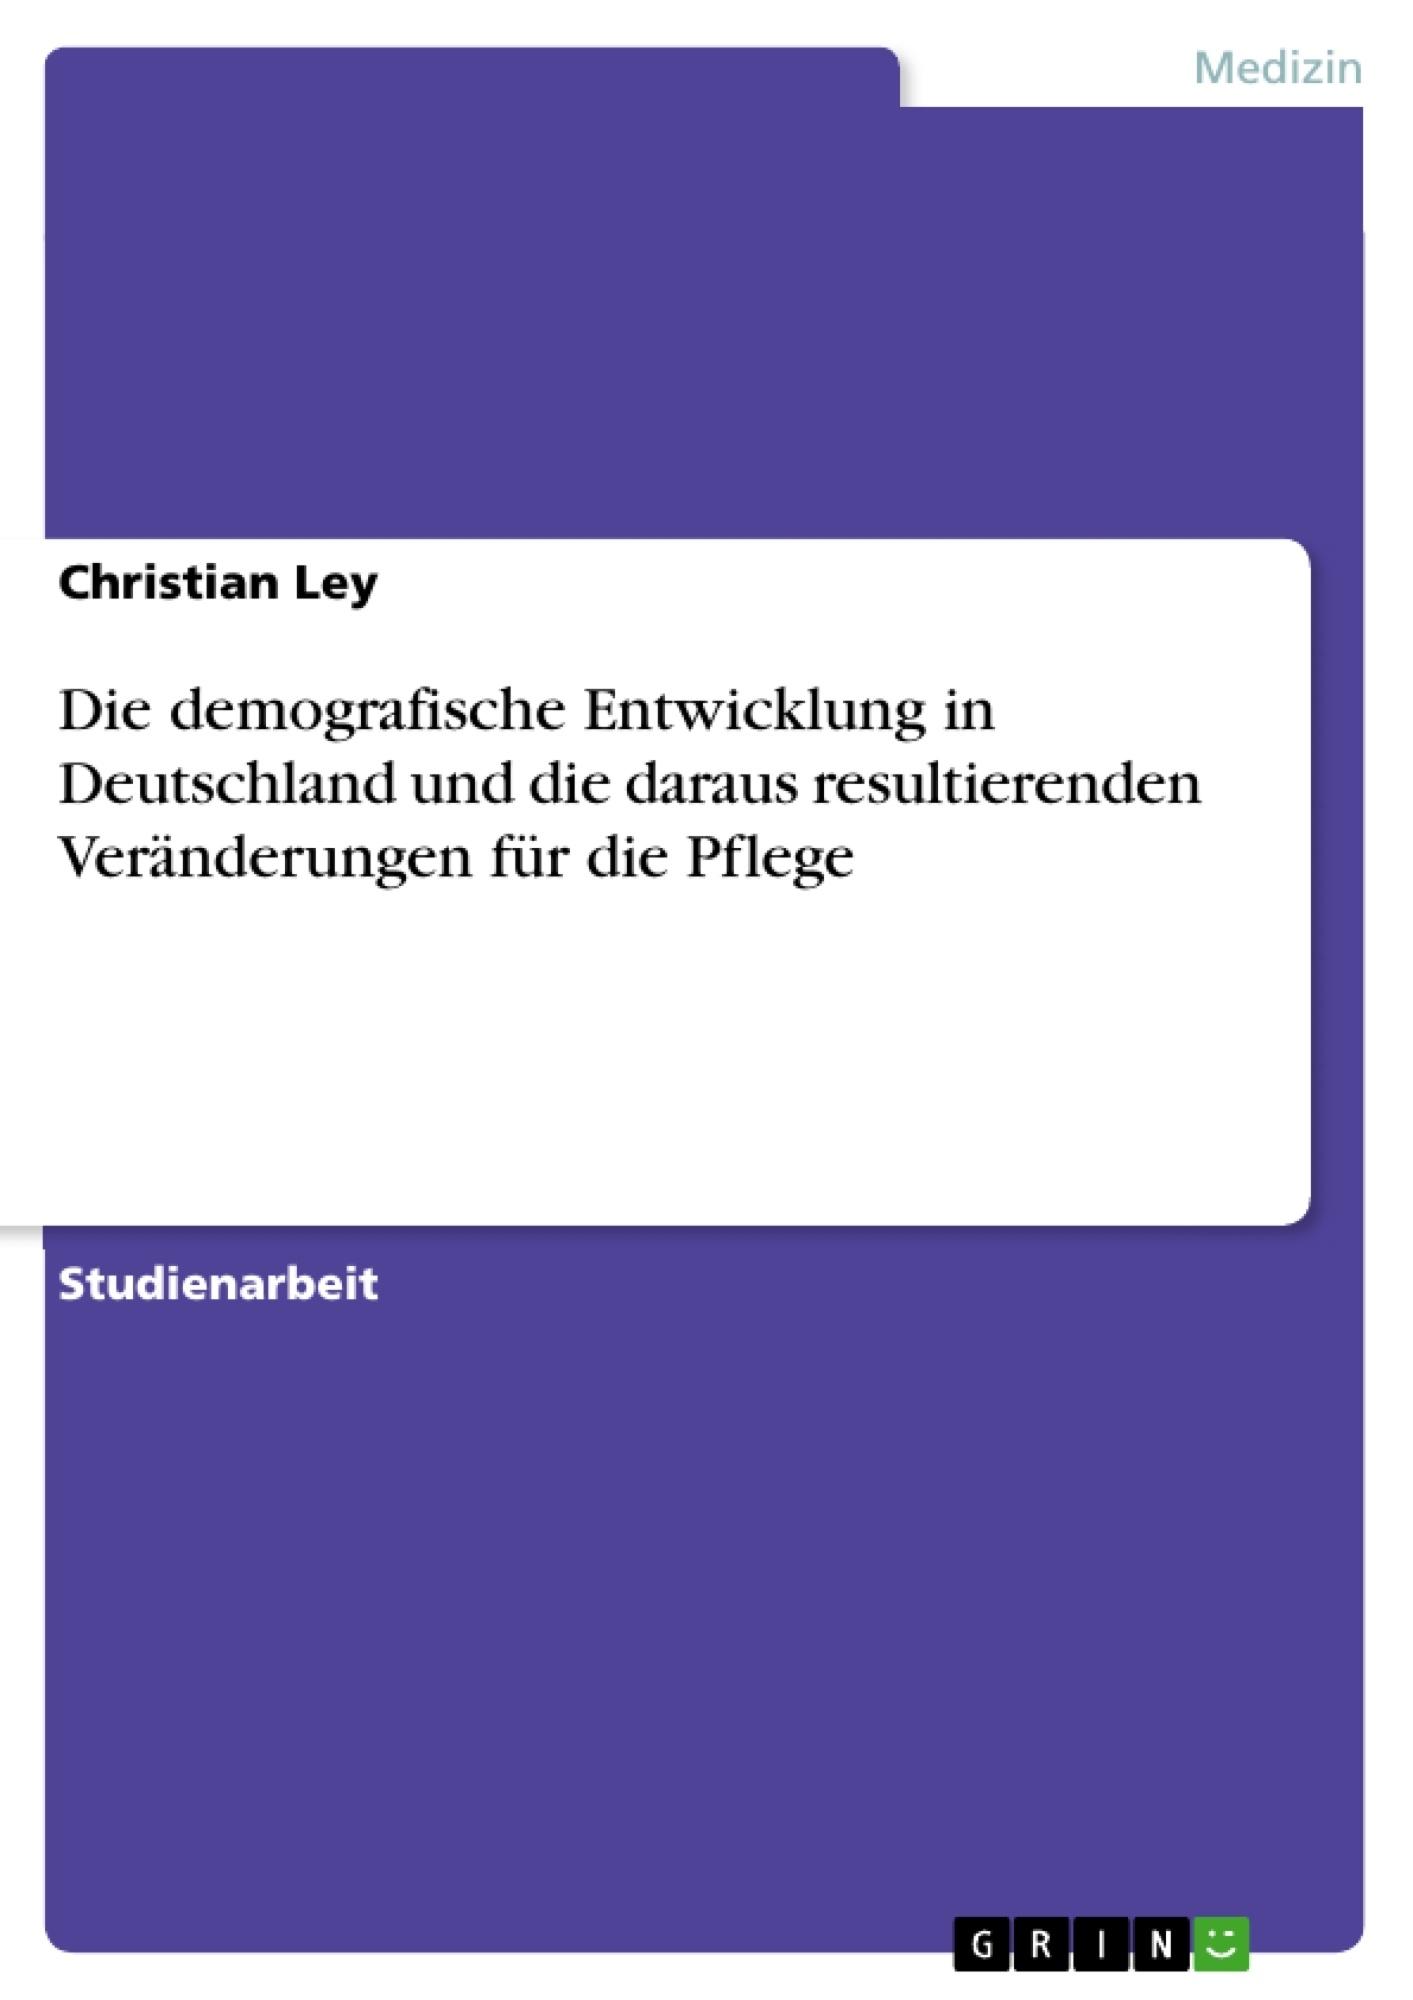 Titel: Die demografische Entwicklung in Deutschland und die daraus resultierenden Veränderungen für die Pflege